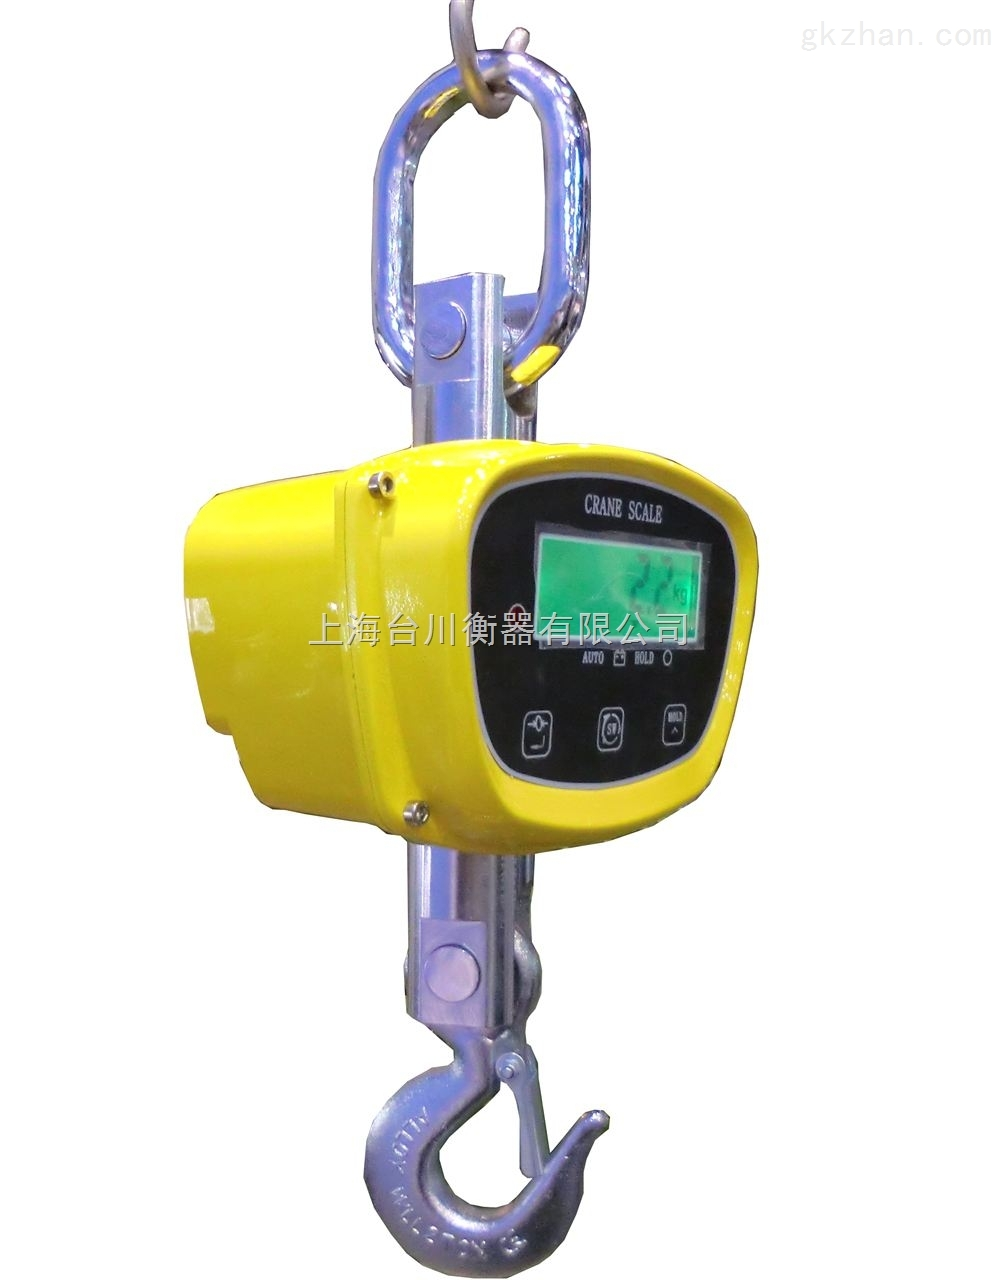 吊秤生产厂家 吊磅销售价格 电子磅